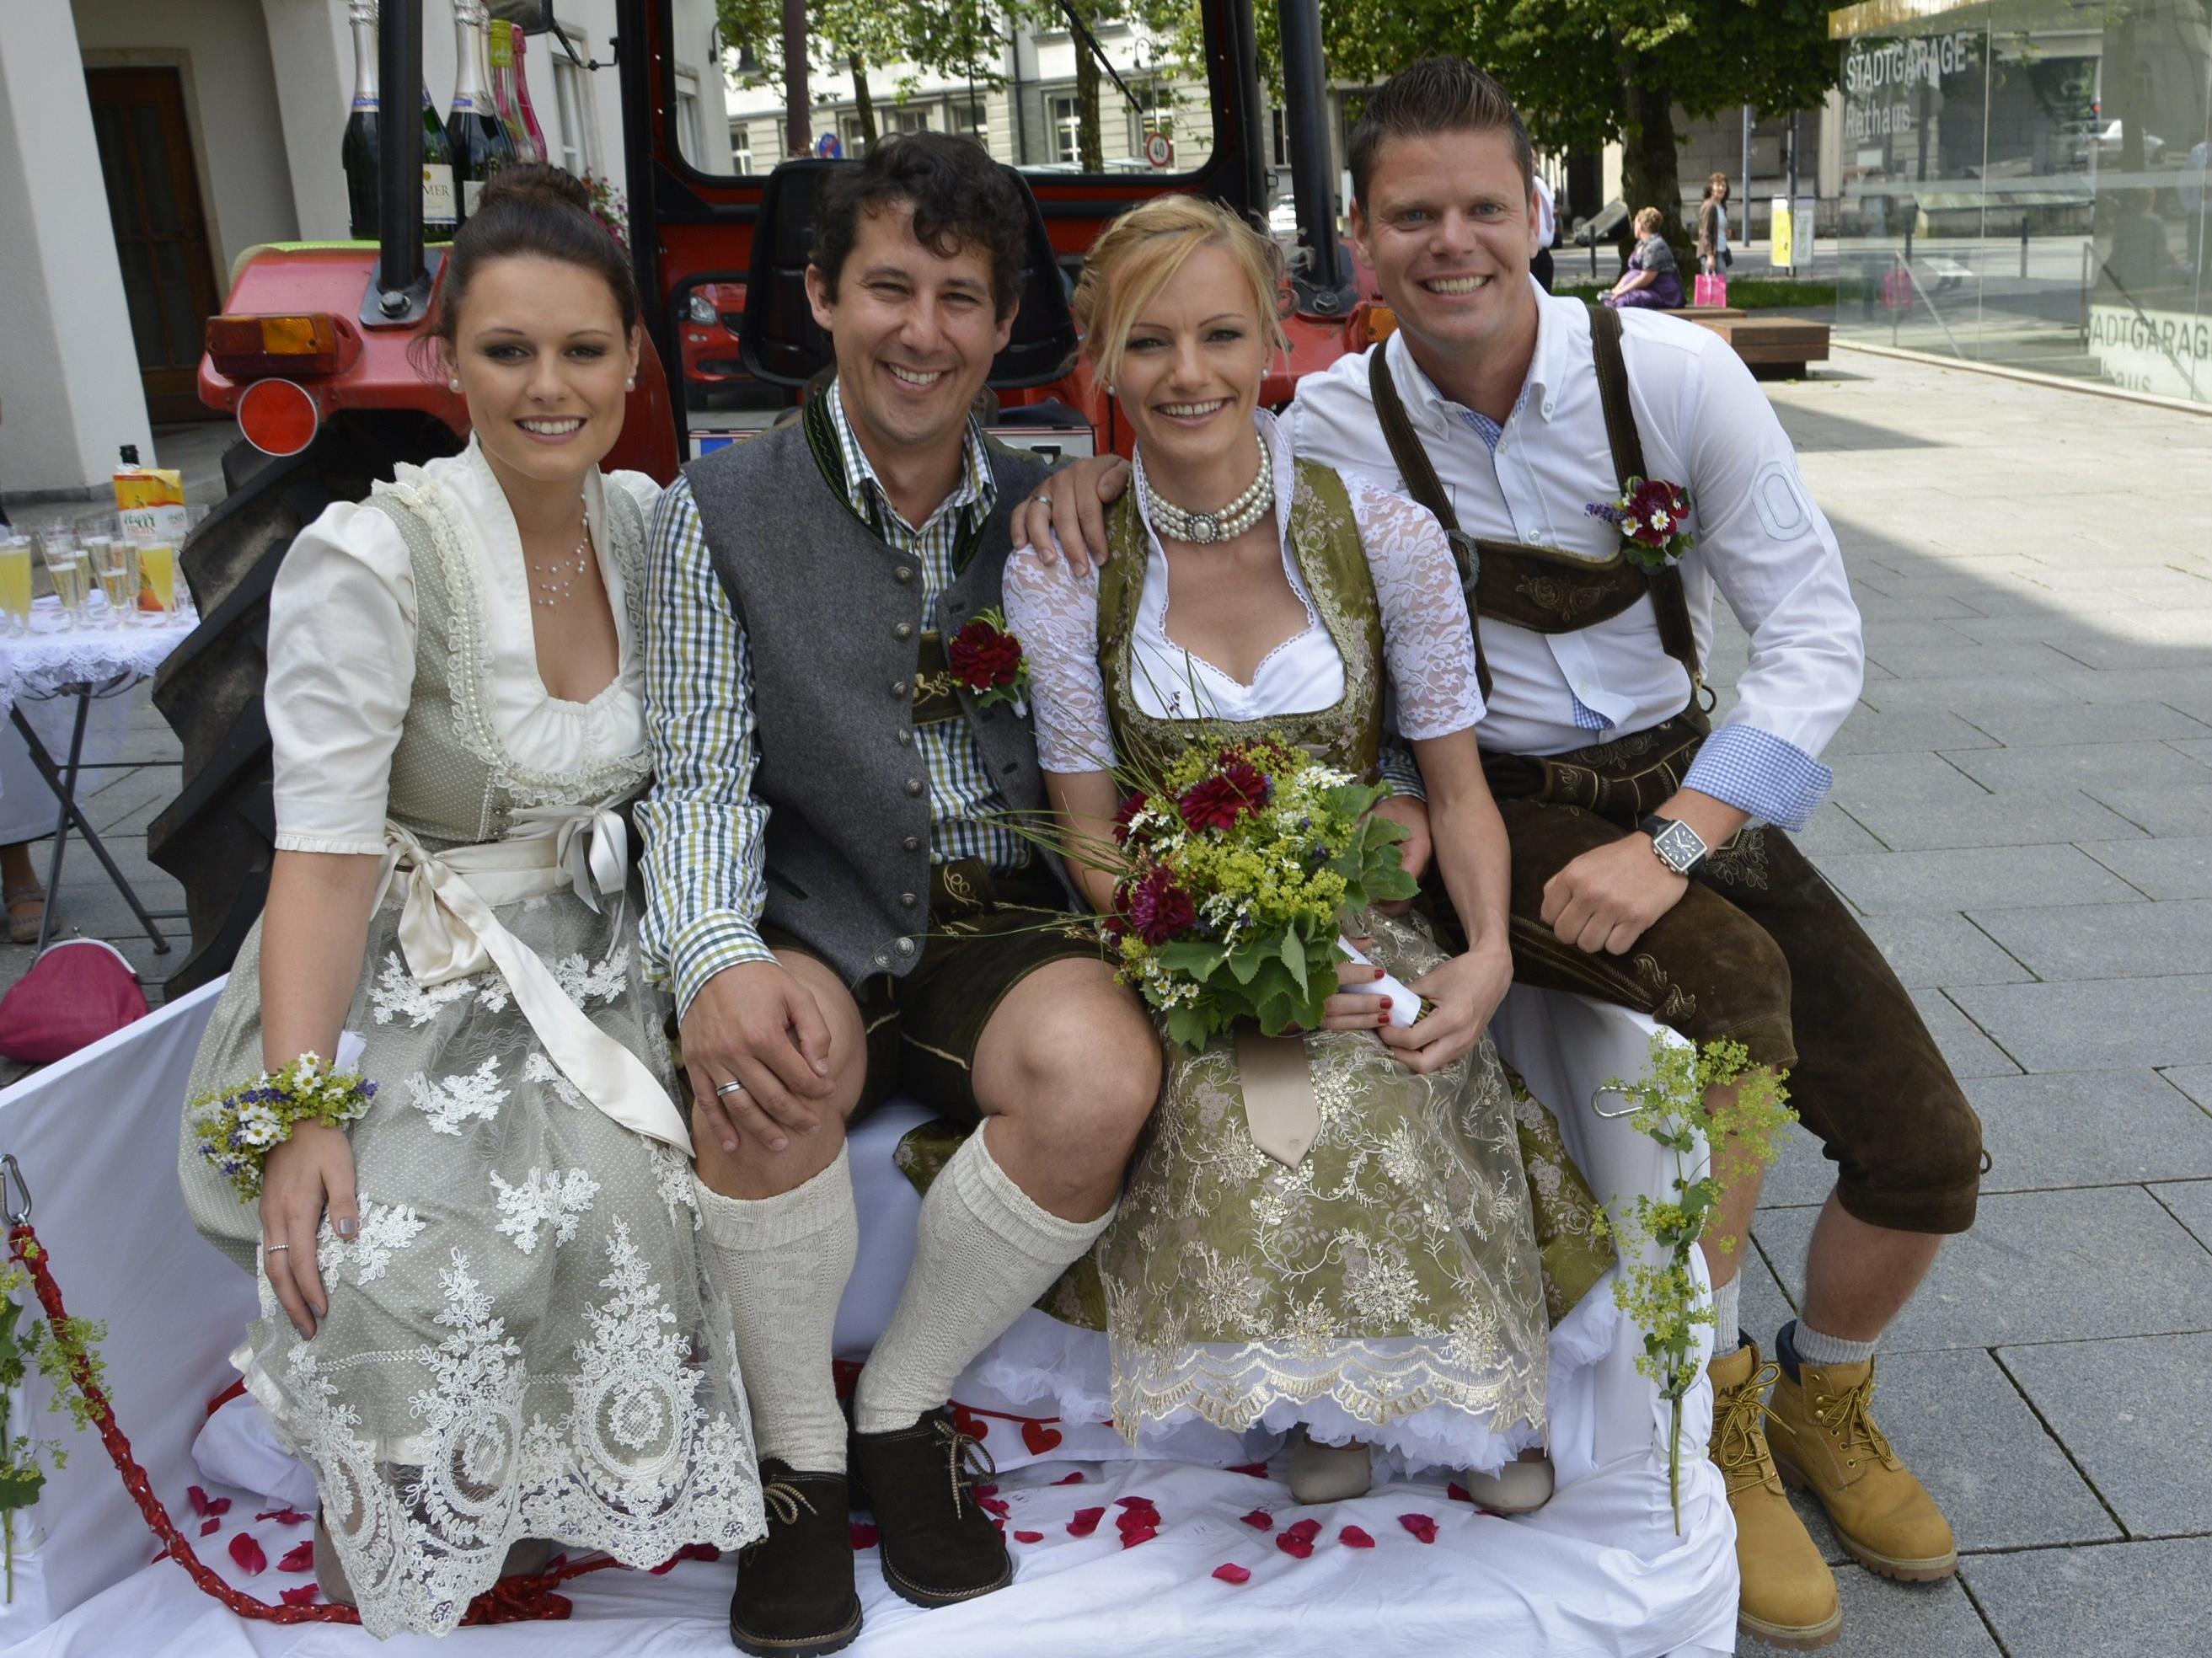 Groß Hochzeit Gekleidet Zeitgenössisch - Brautkleider Ideen ...